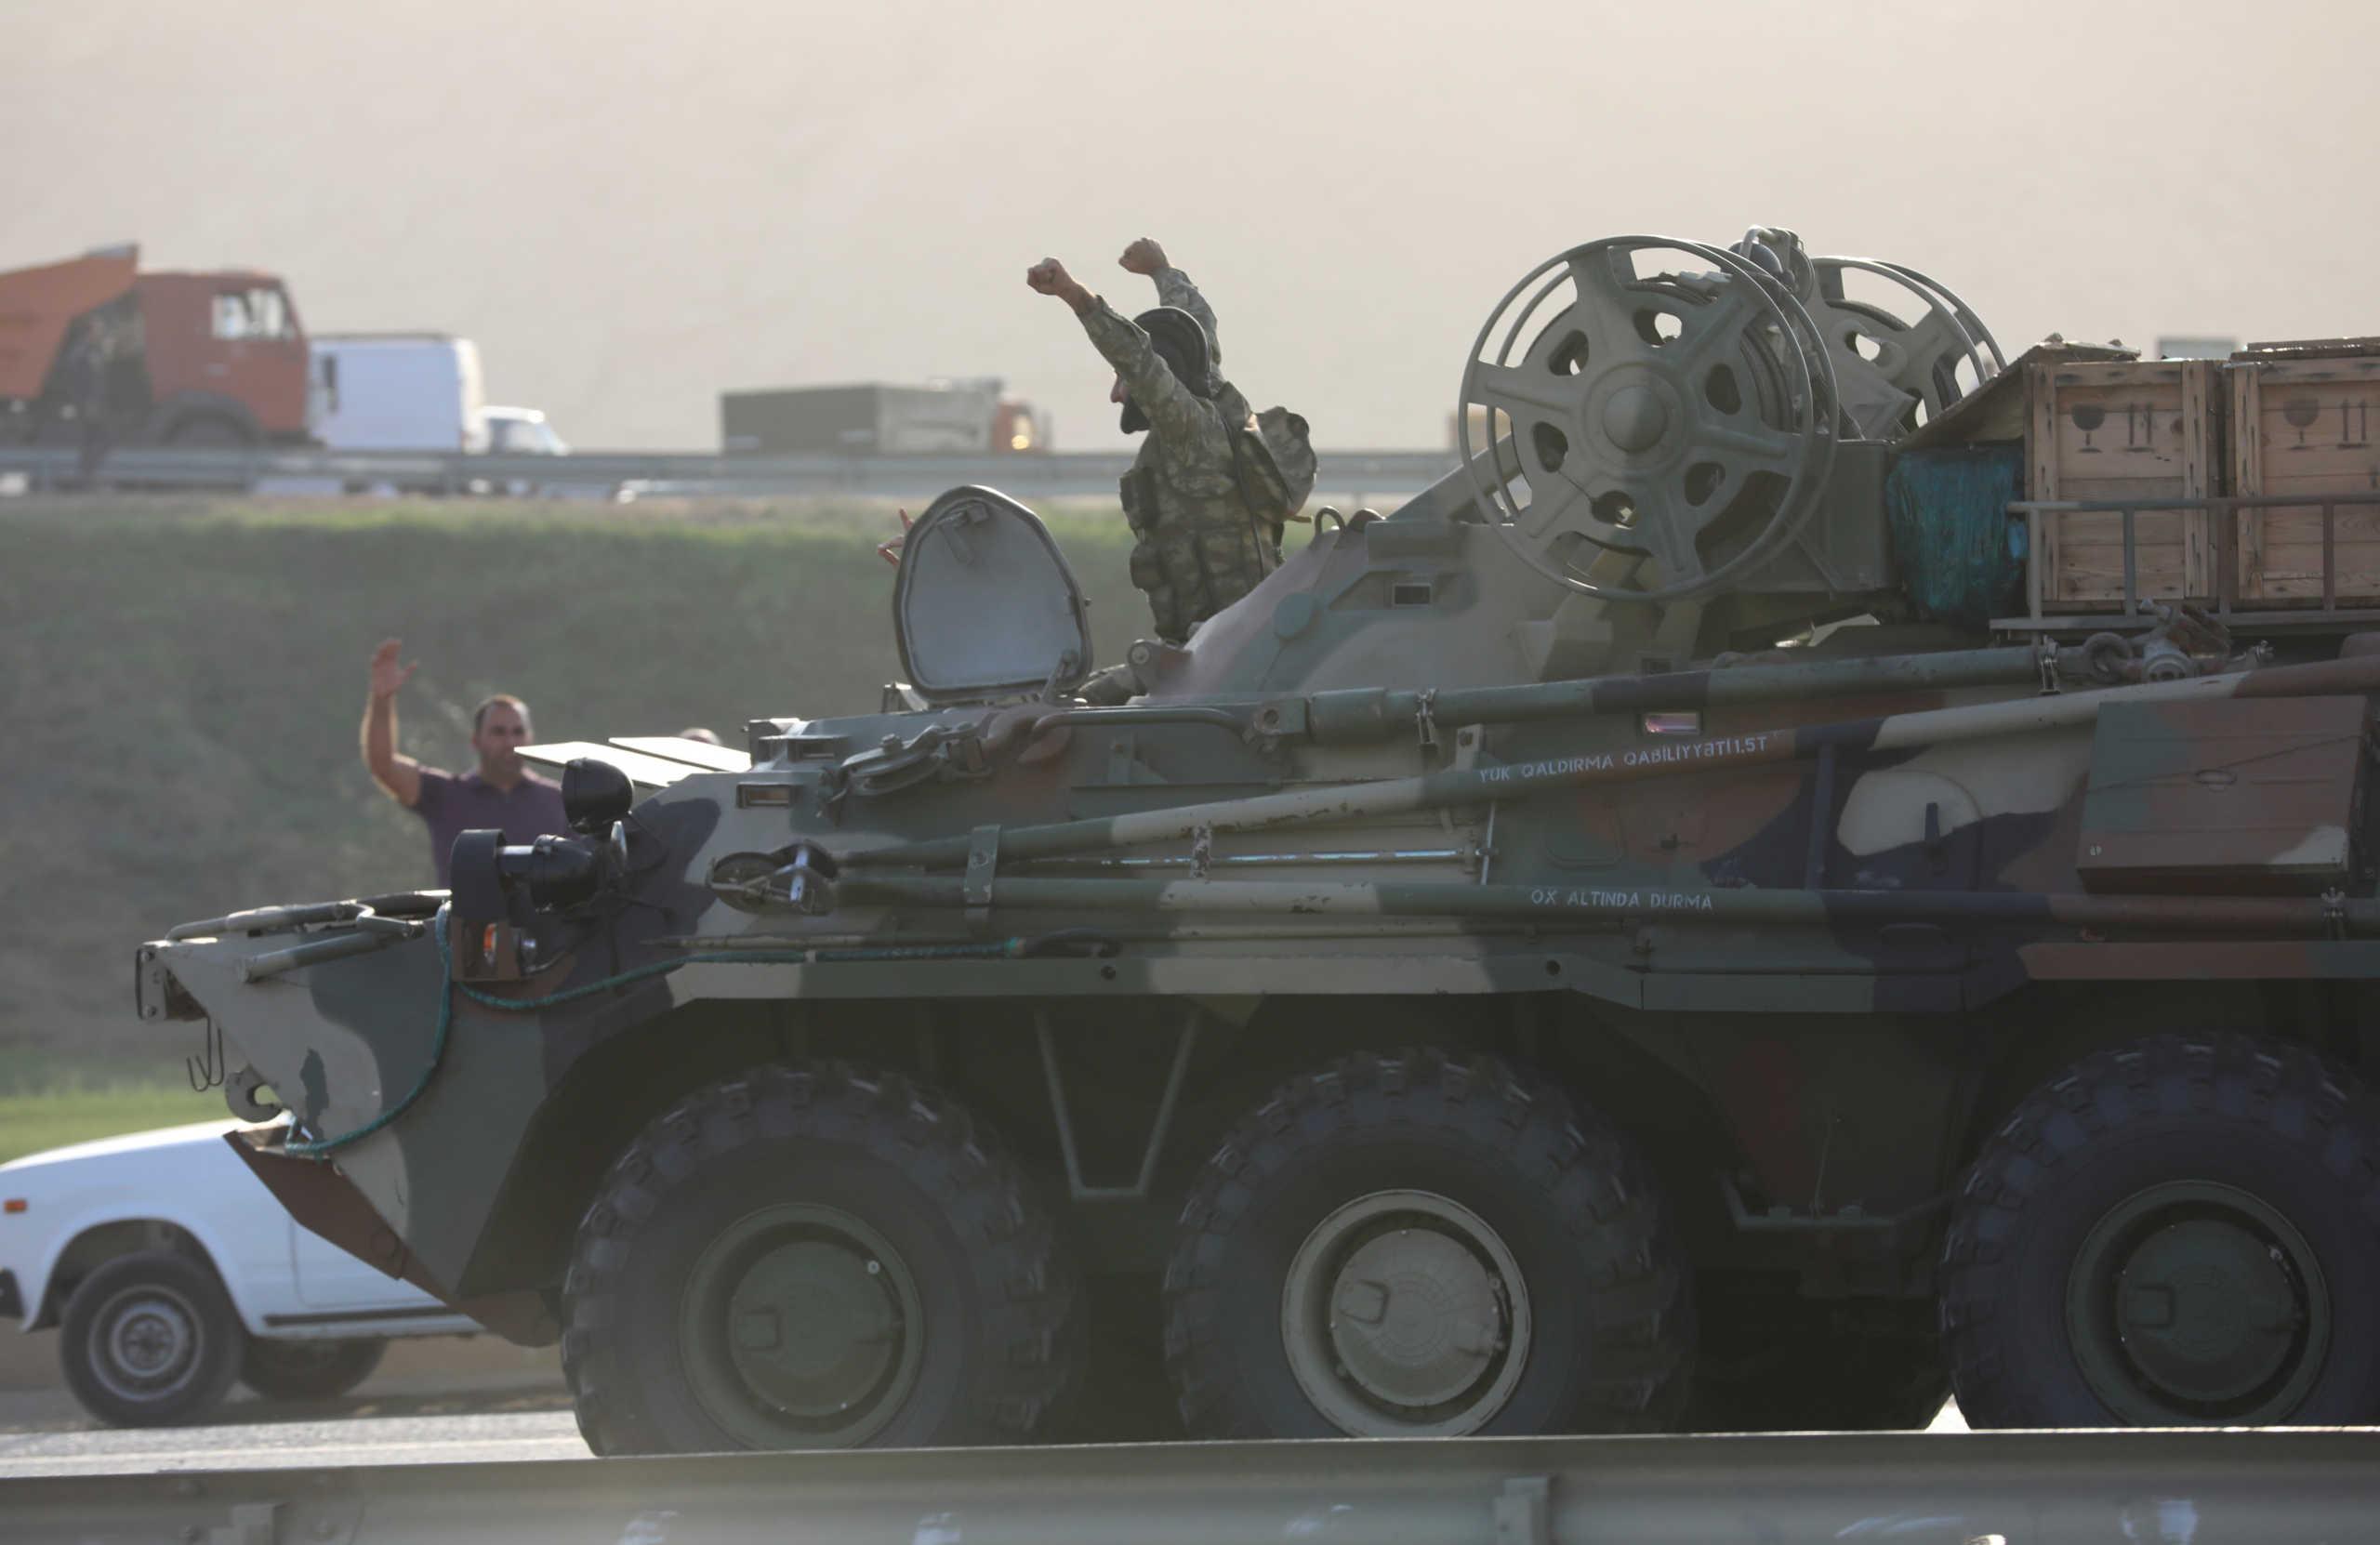 Μαίνονται οι μάχες ανάμεσα σε Αρμενία και Αζερμπαϊτζάν – 39 νεκροί στρατιώτες